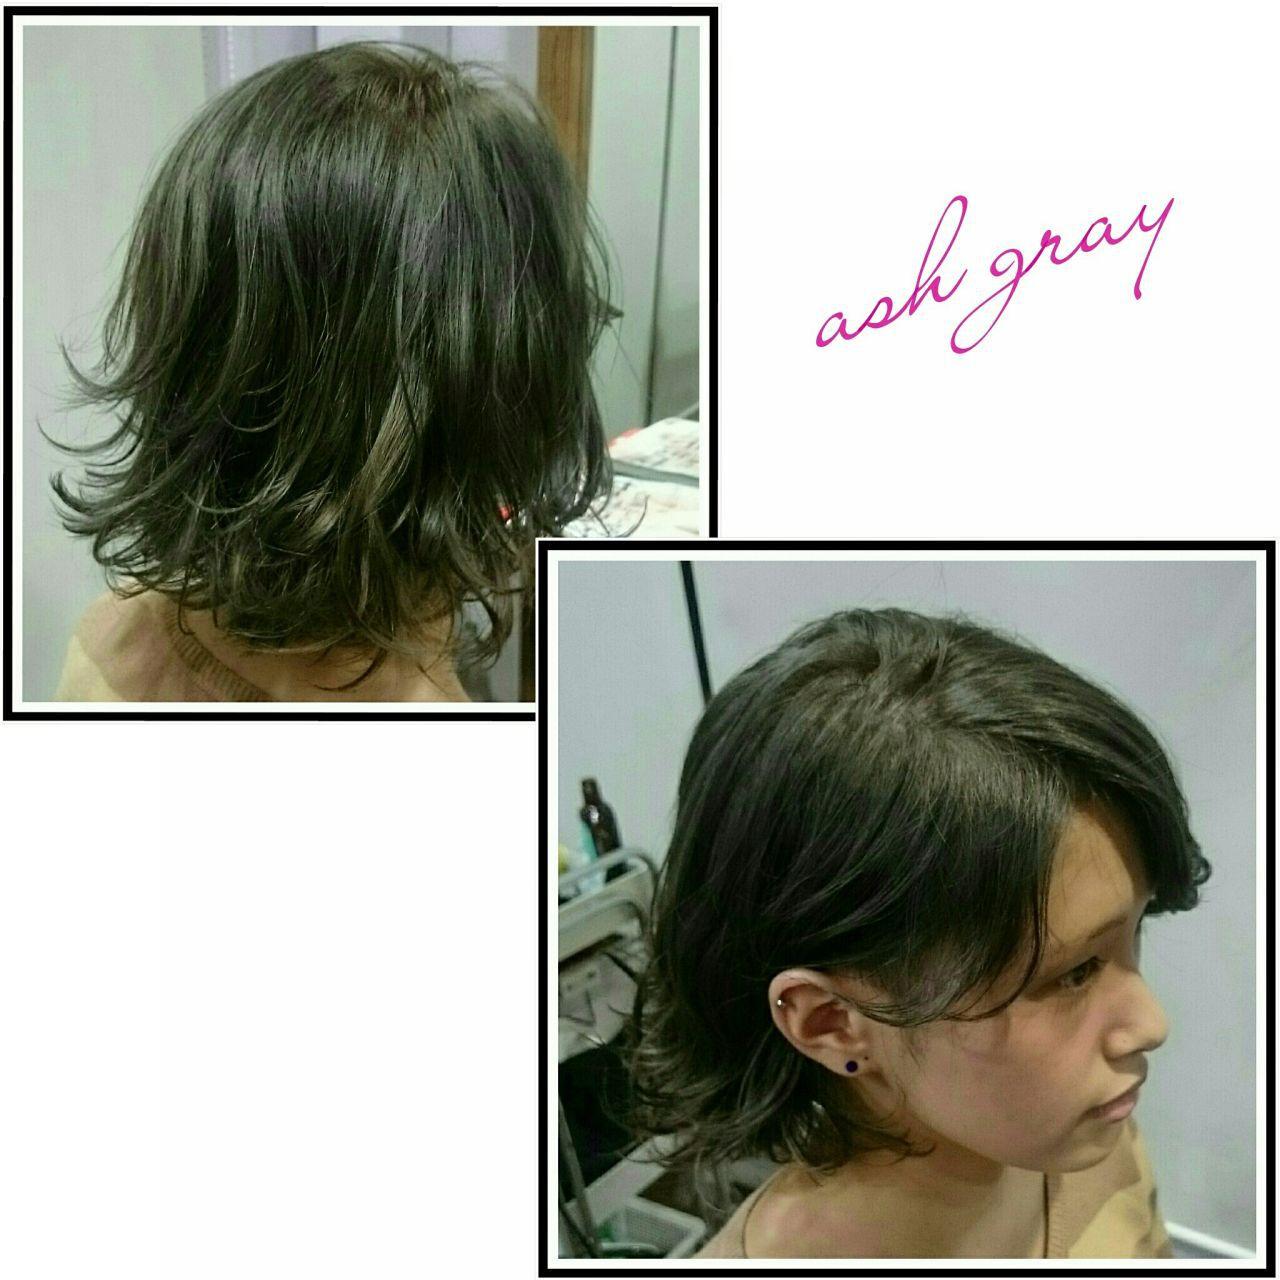 アッシュ グレージュ ハイトーン 黒髪ヘアスタイルや髪型の写真・画像